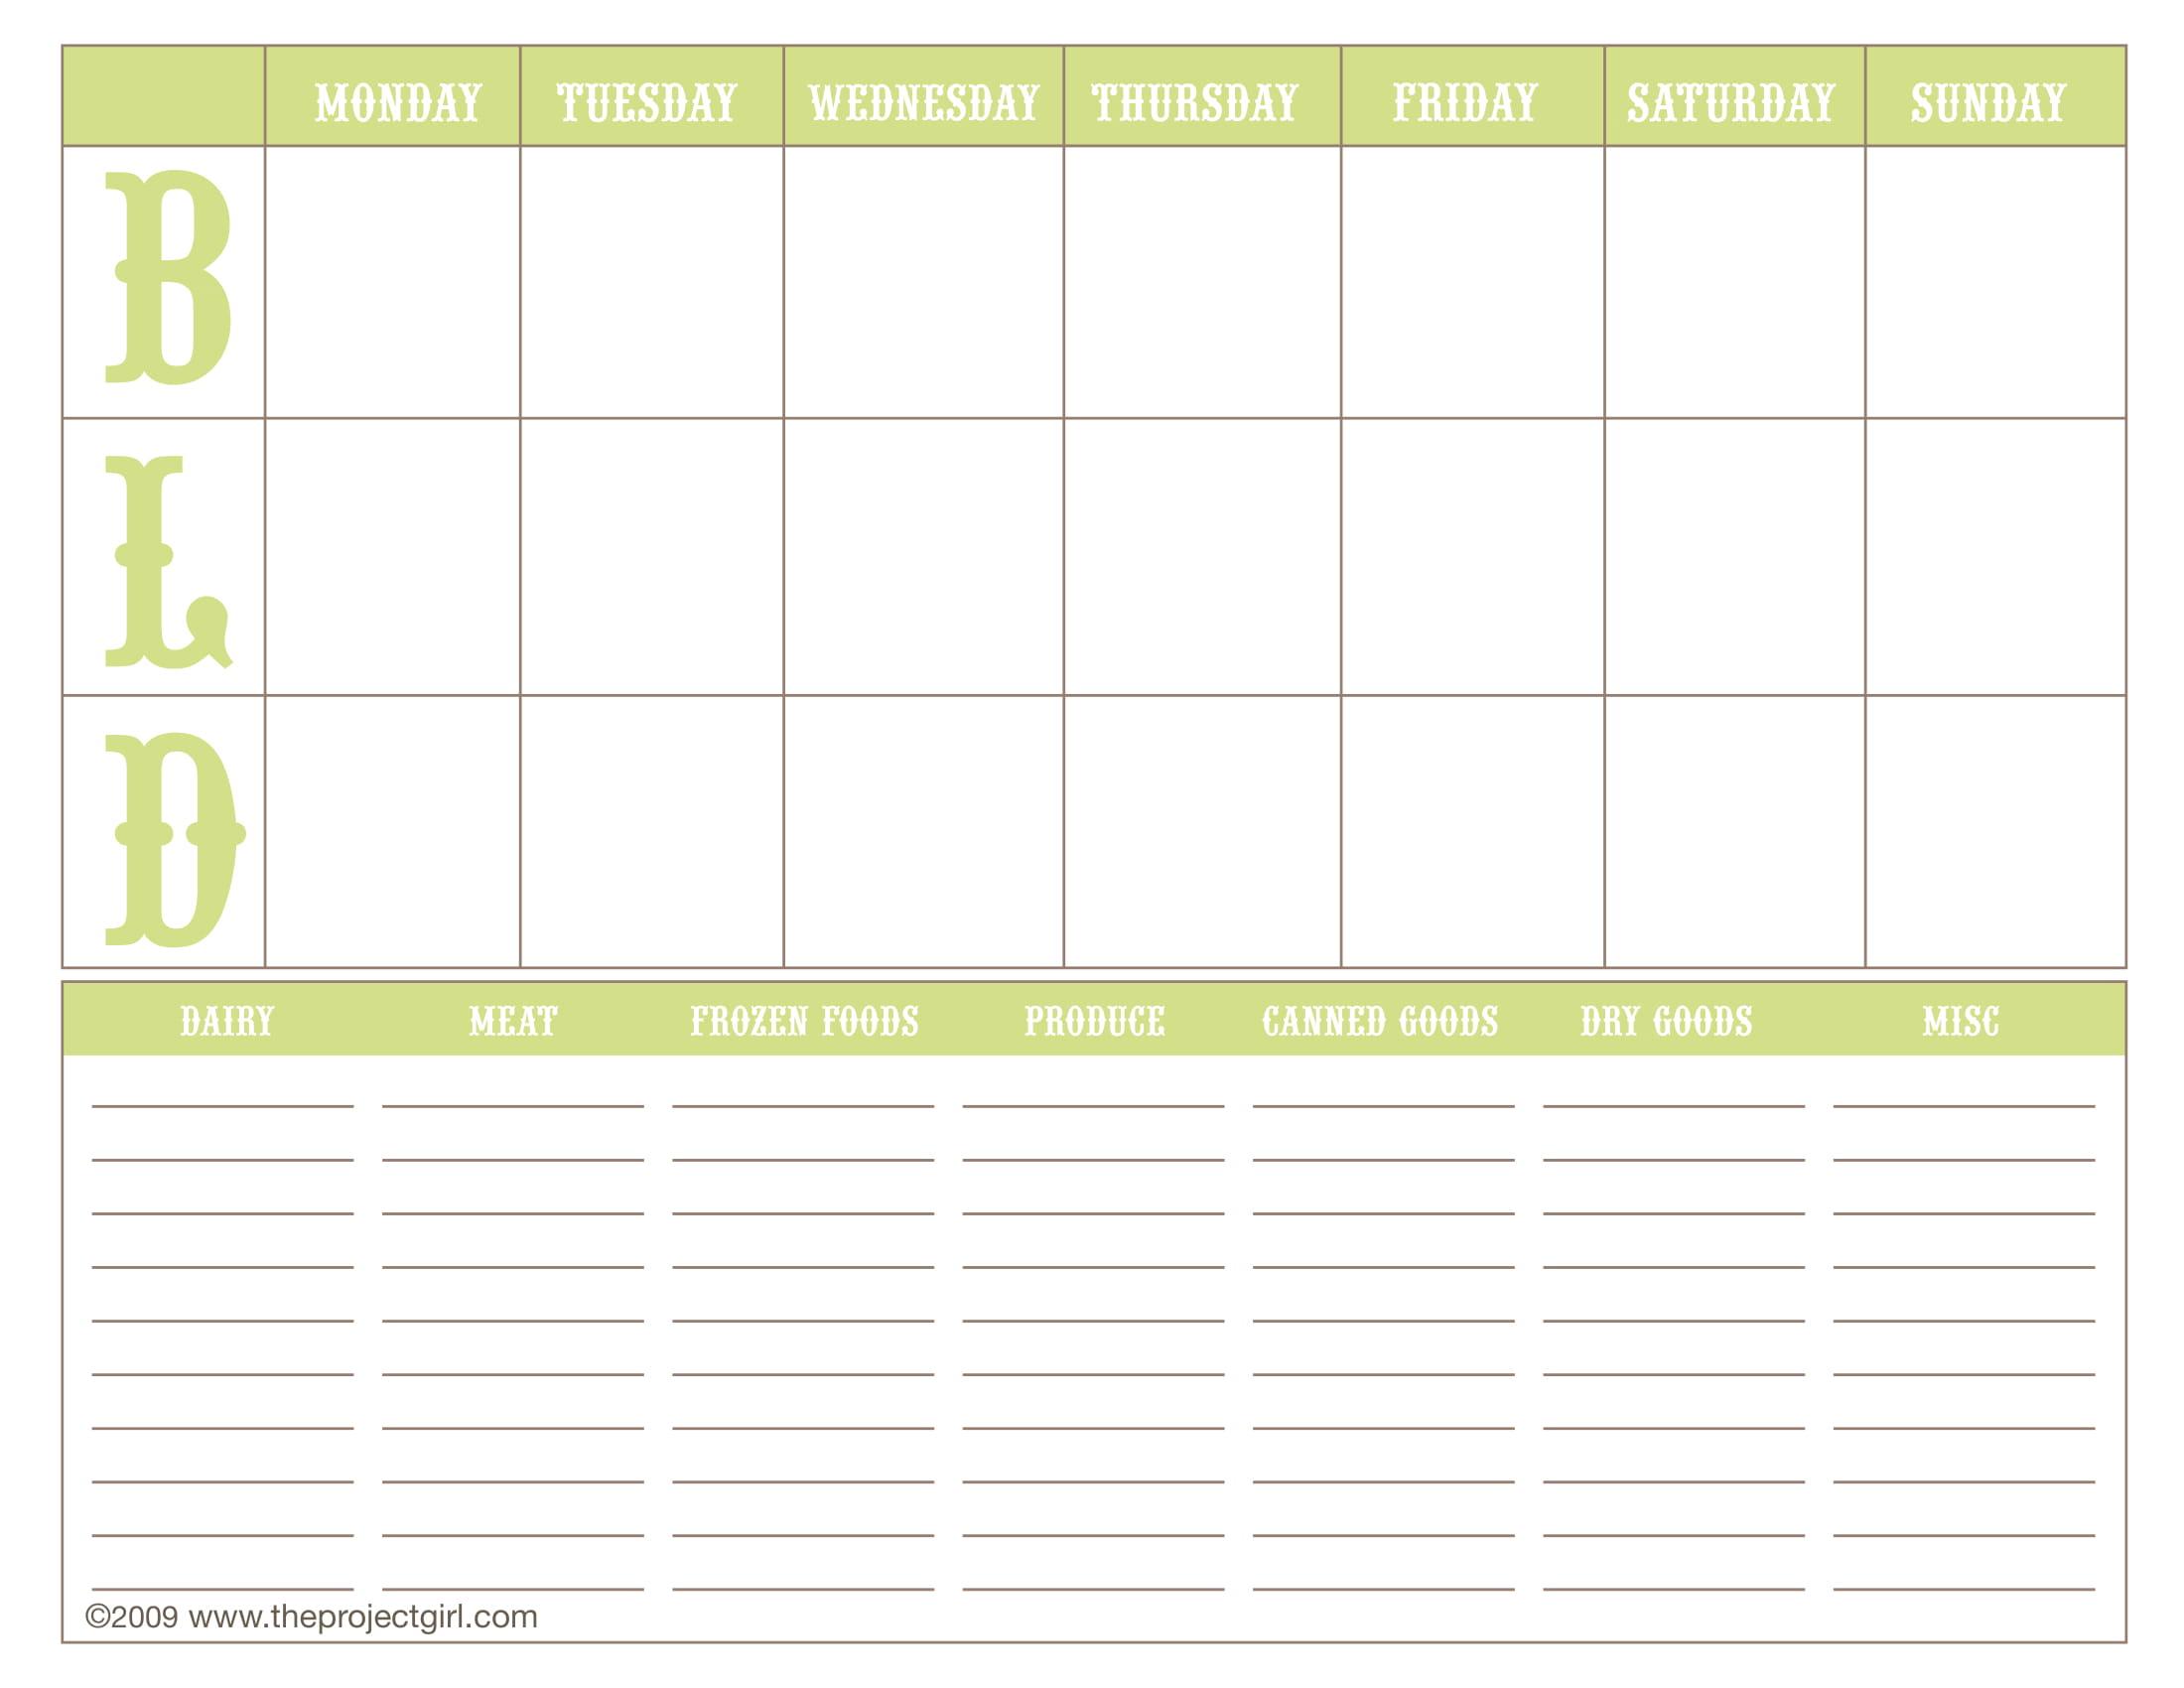 weekly menu planning form 1